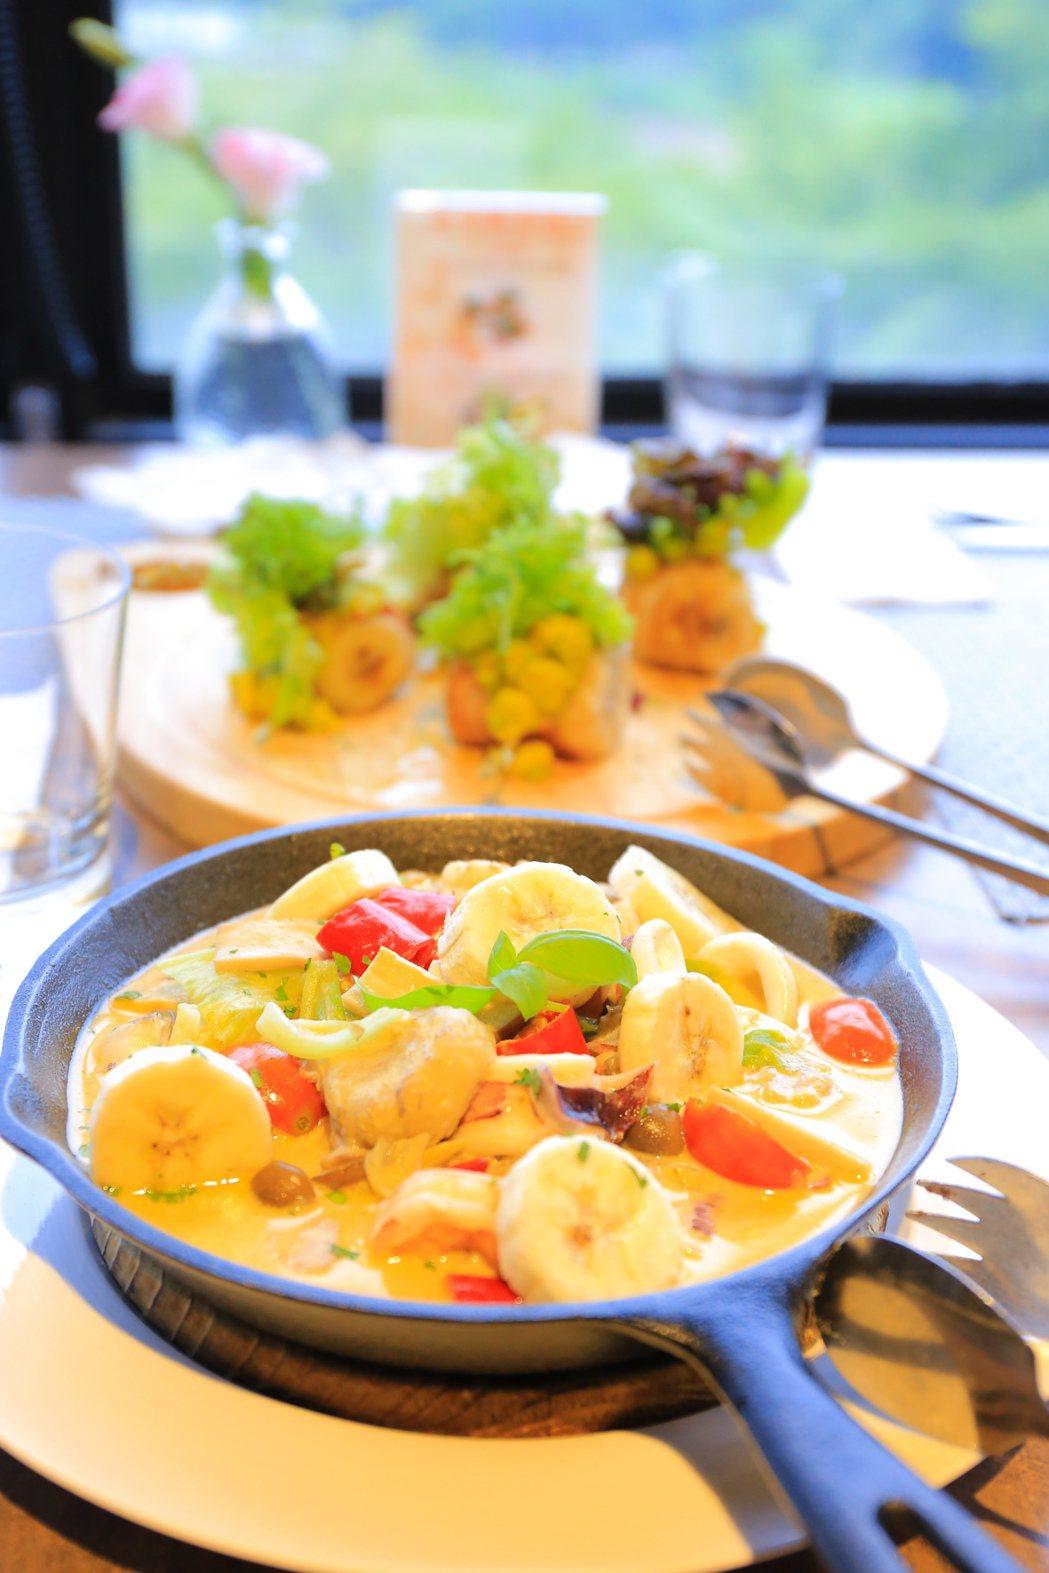 香蕉綠咖哩燉海鮮口感微甜,綠咖哩豐富了層次感。 攝影/張世雅